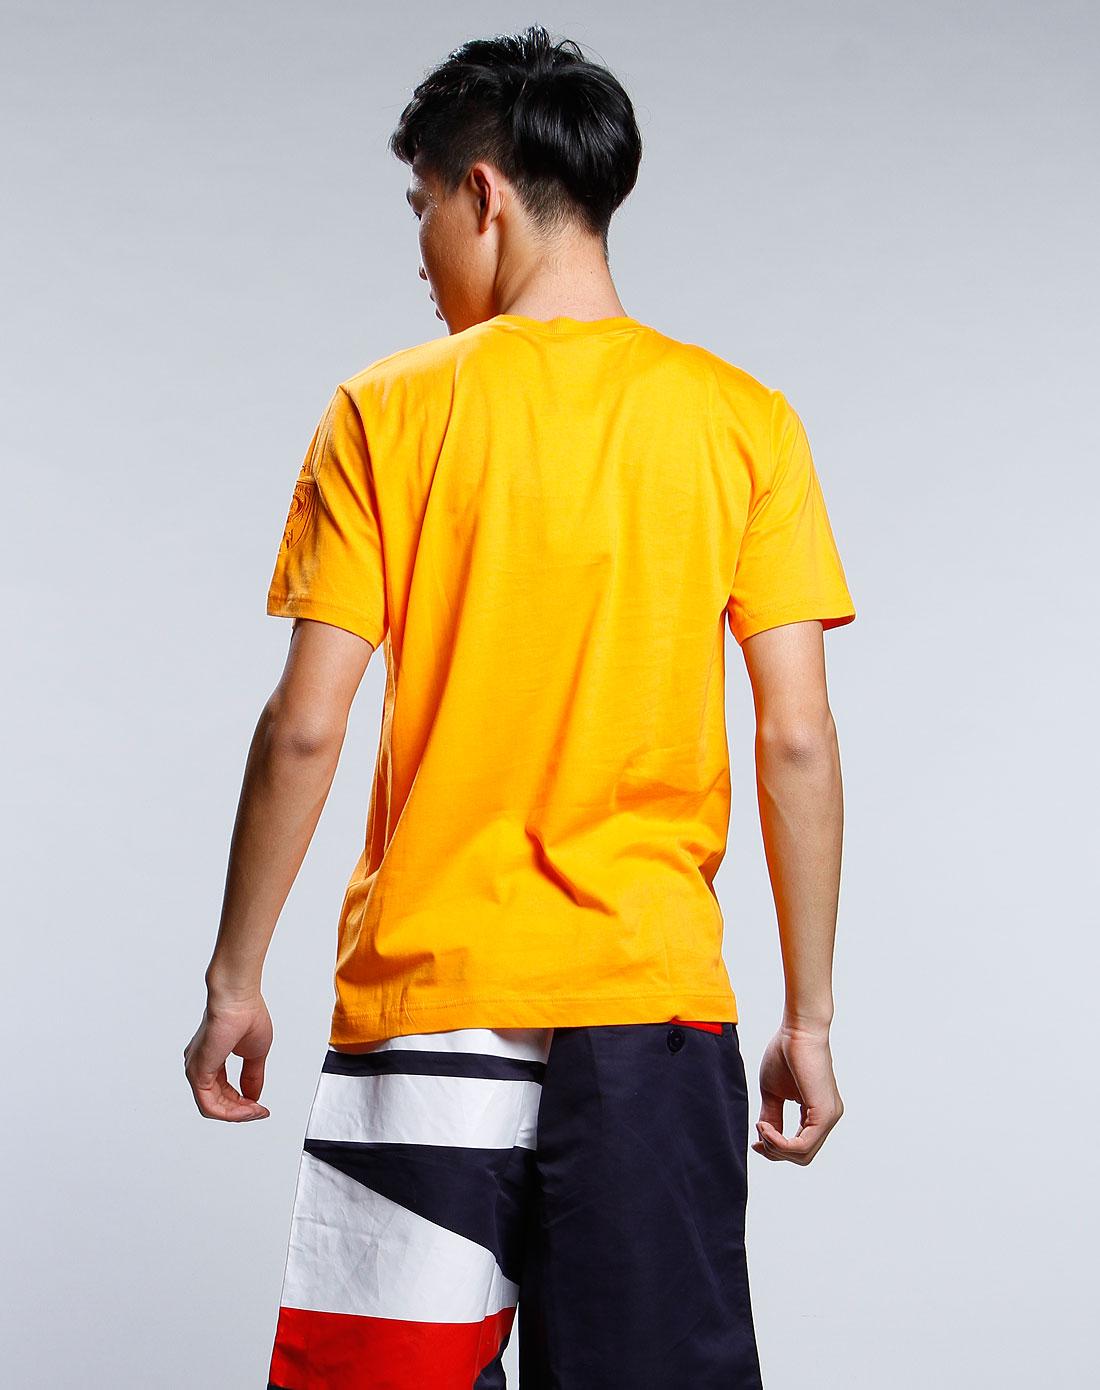 火焰橙色时尚圆领休闲短袖t恤